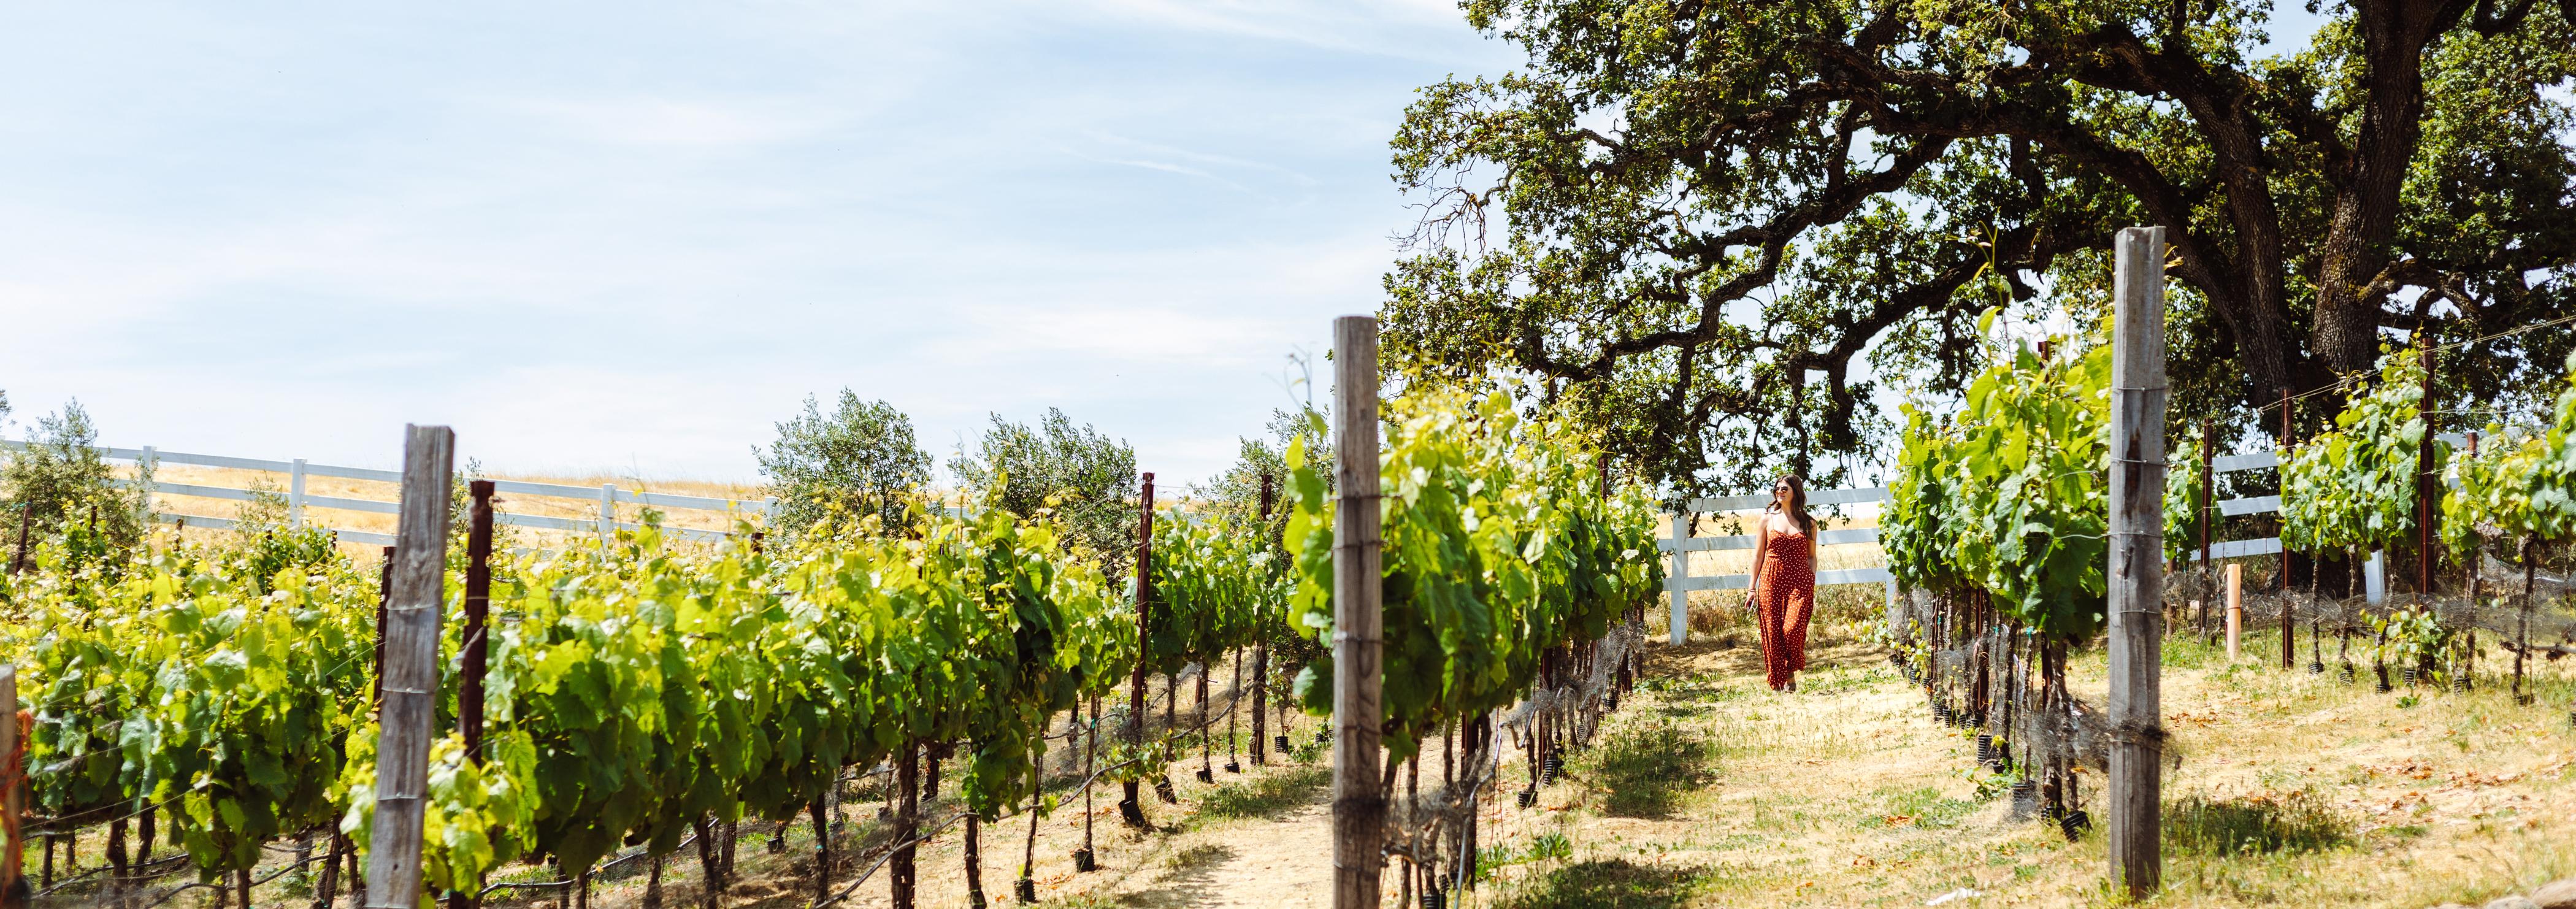 Walking in Vineyard